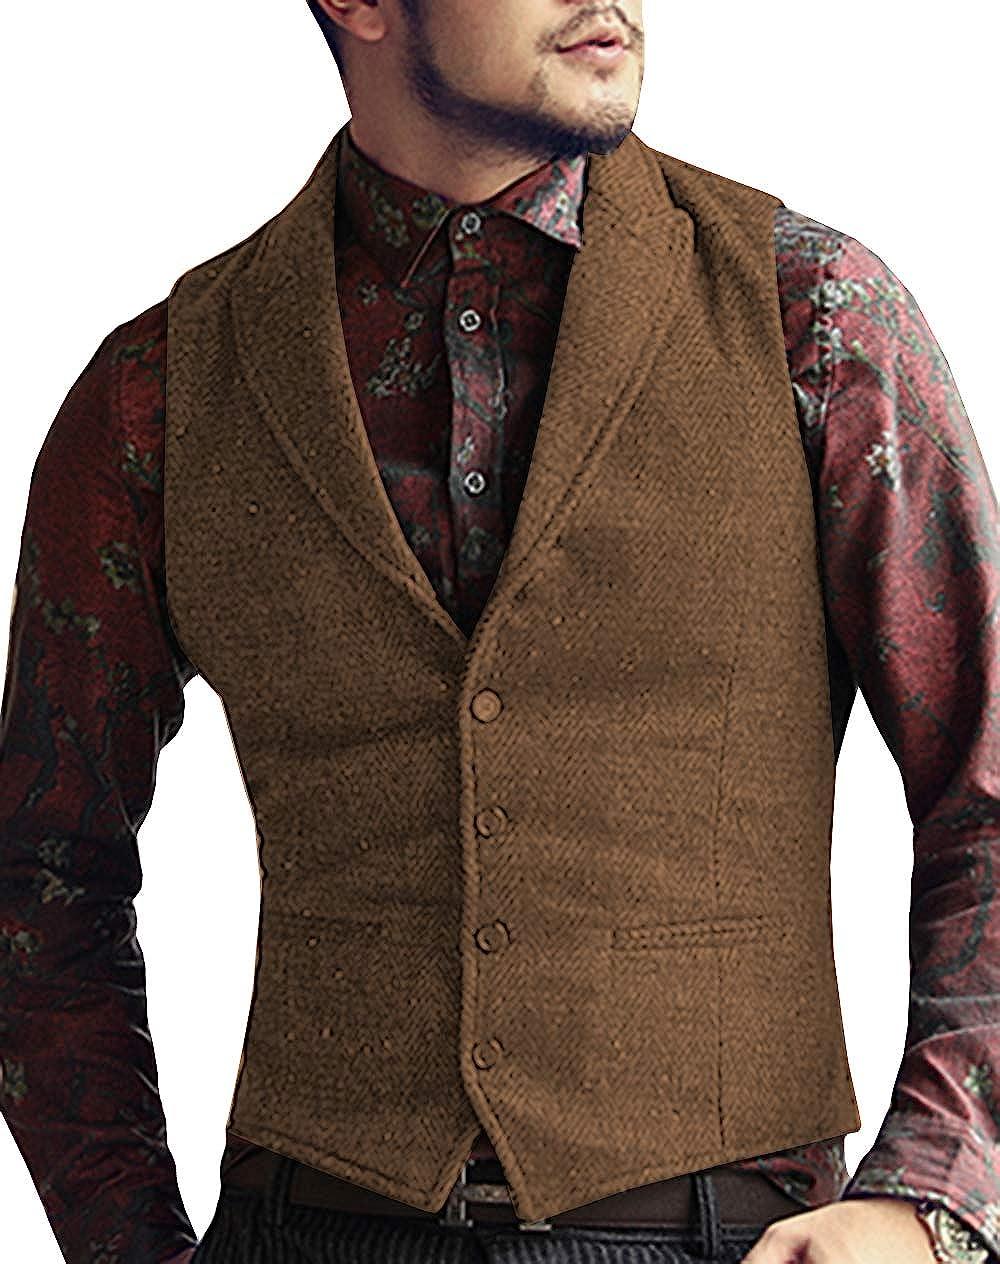 Herren Tweed 3 St/ück Anzug Retro intelligente Tailored Fit mit Fischgr/ätmuster Jacke Weste Hosen